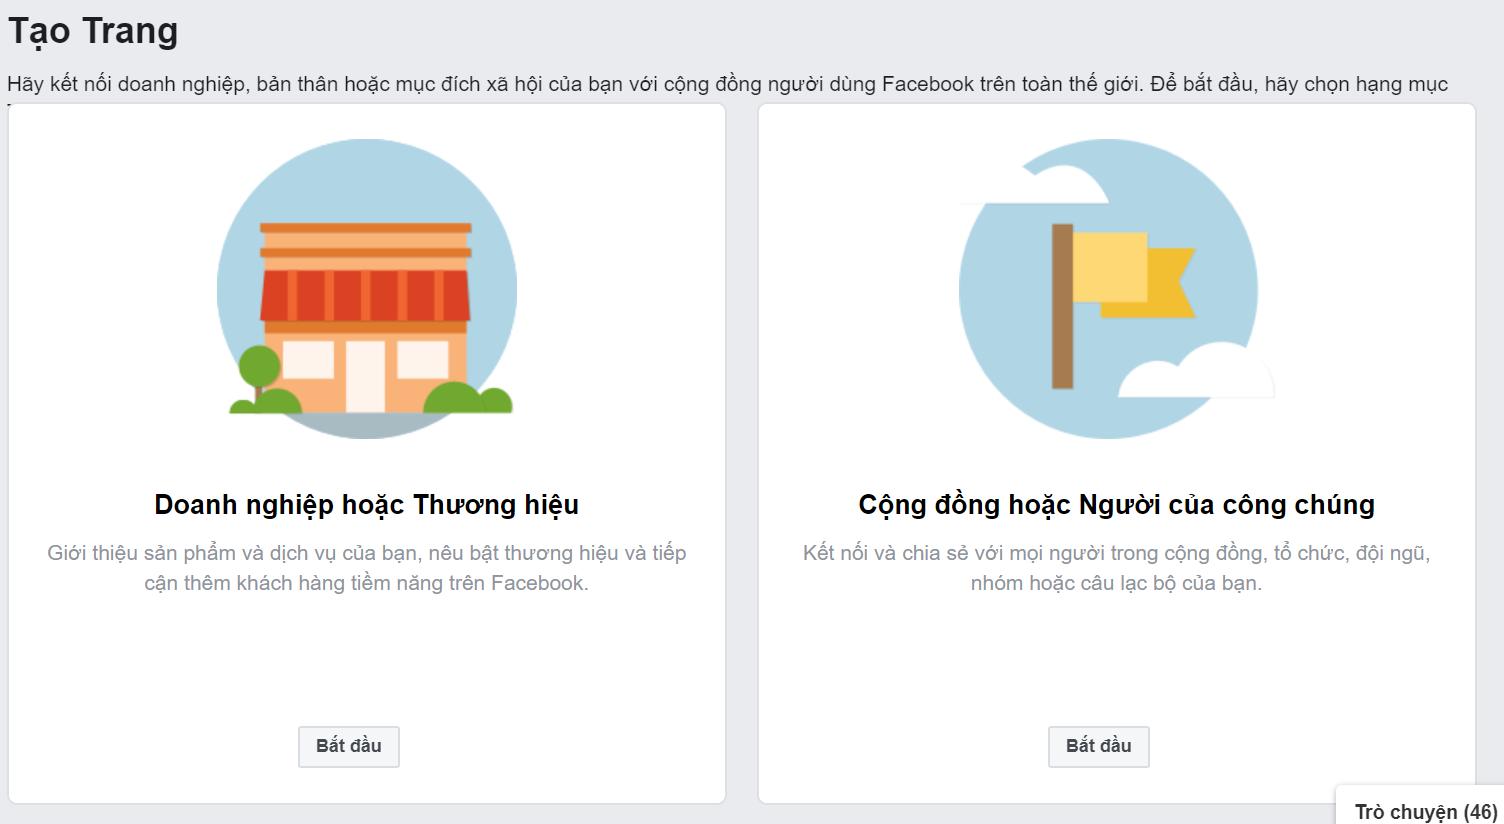 cách seo fanpage facebook hiệu quả lên top nhanh